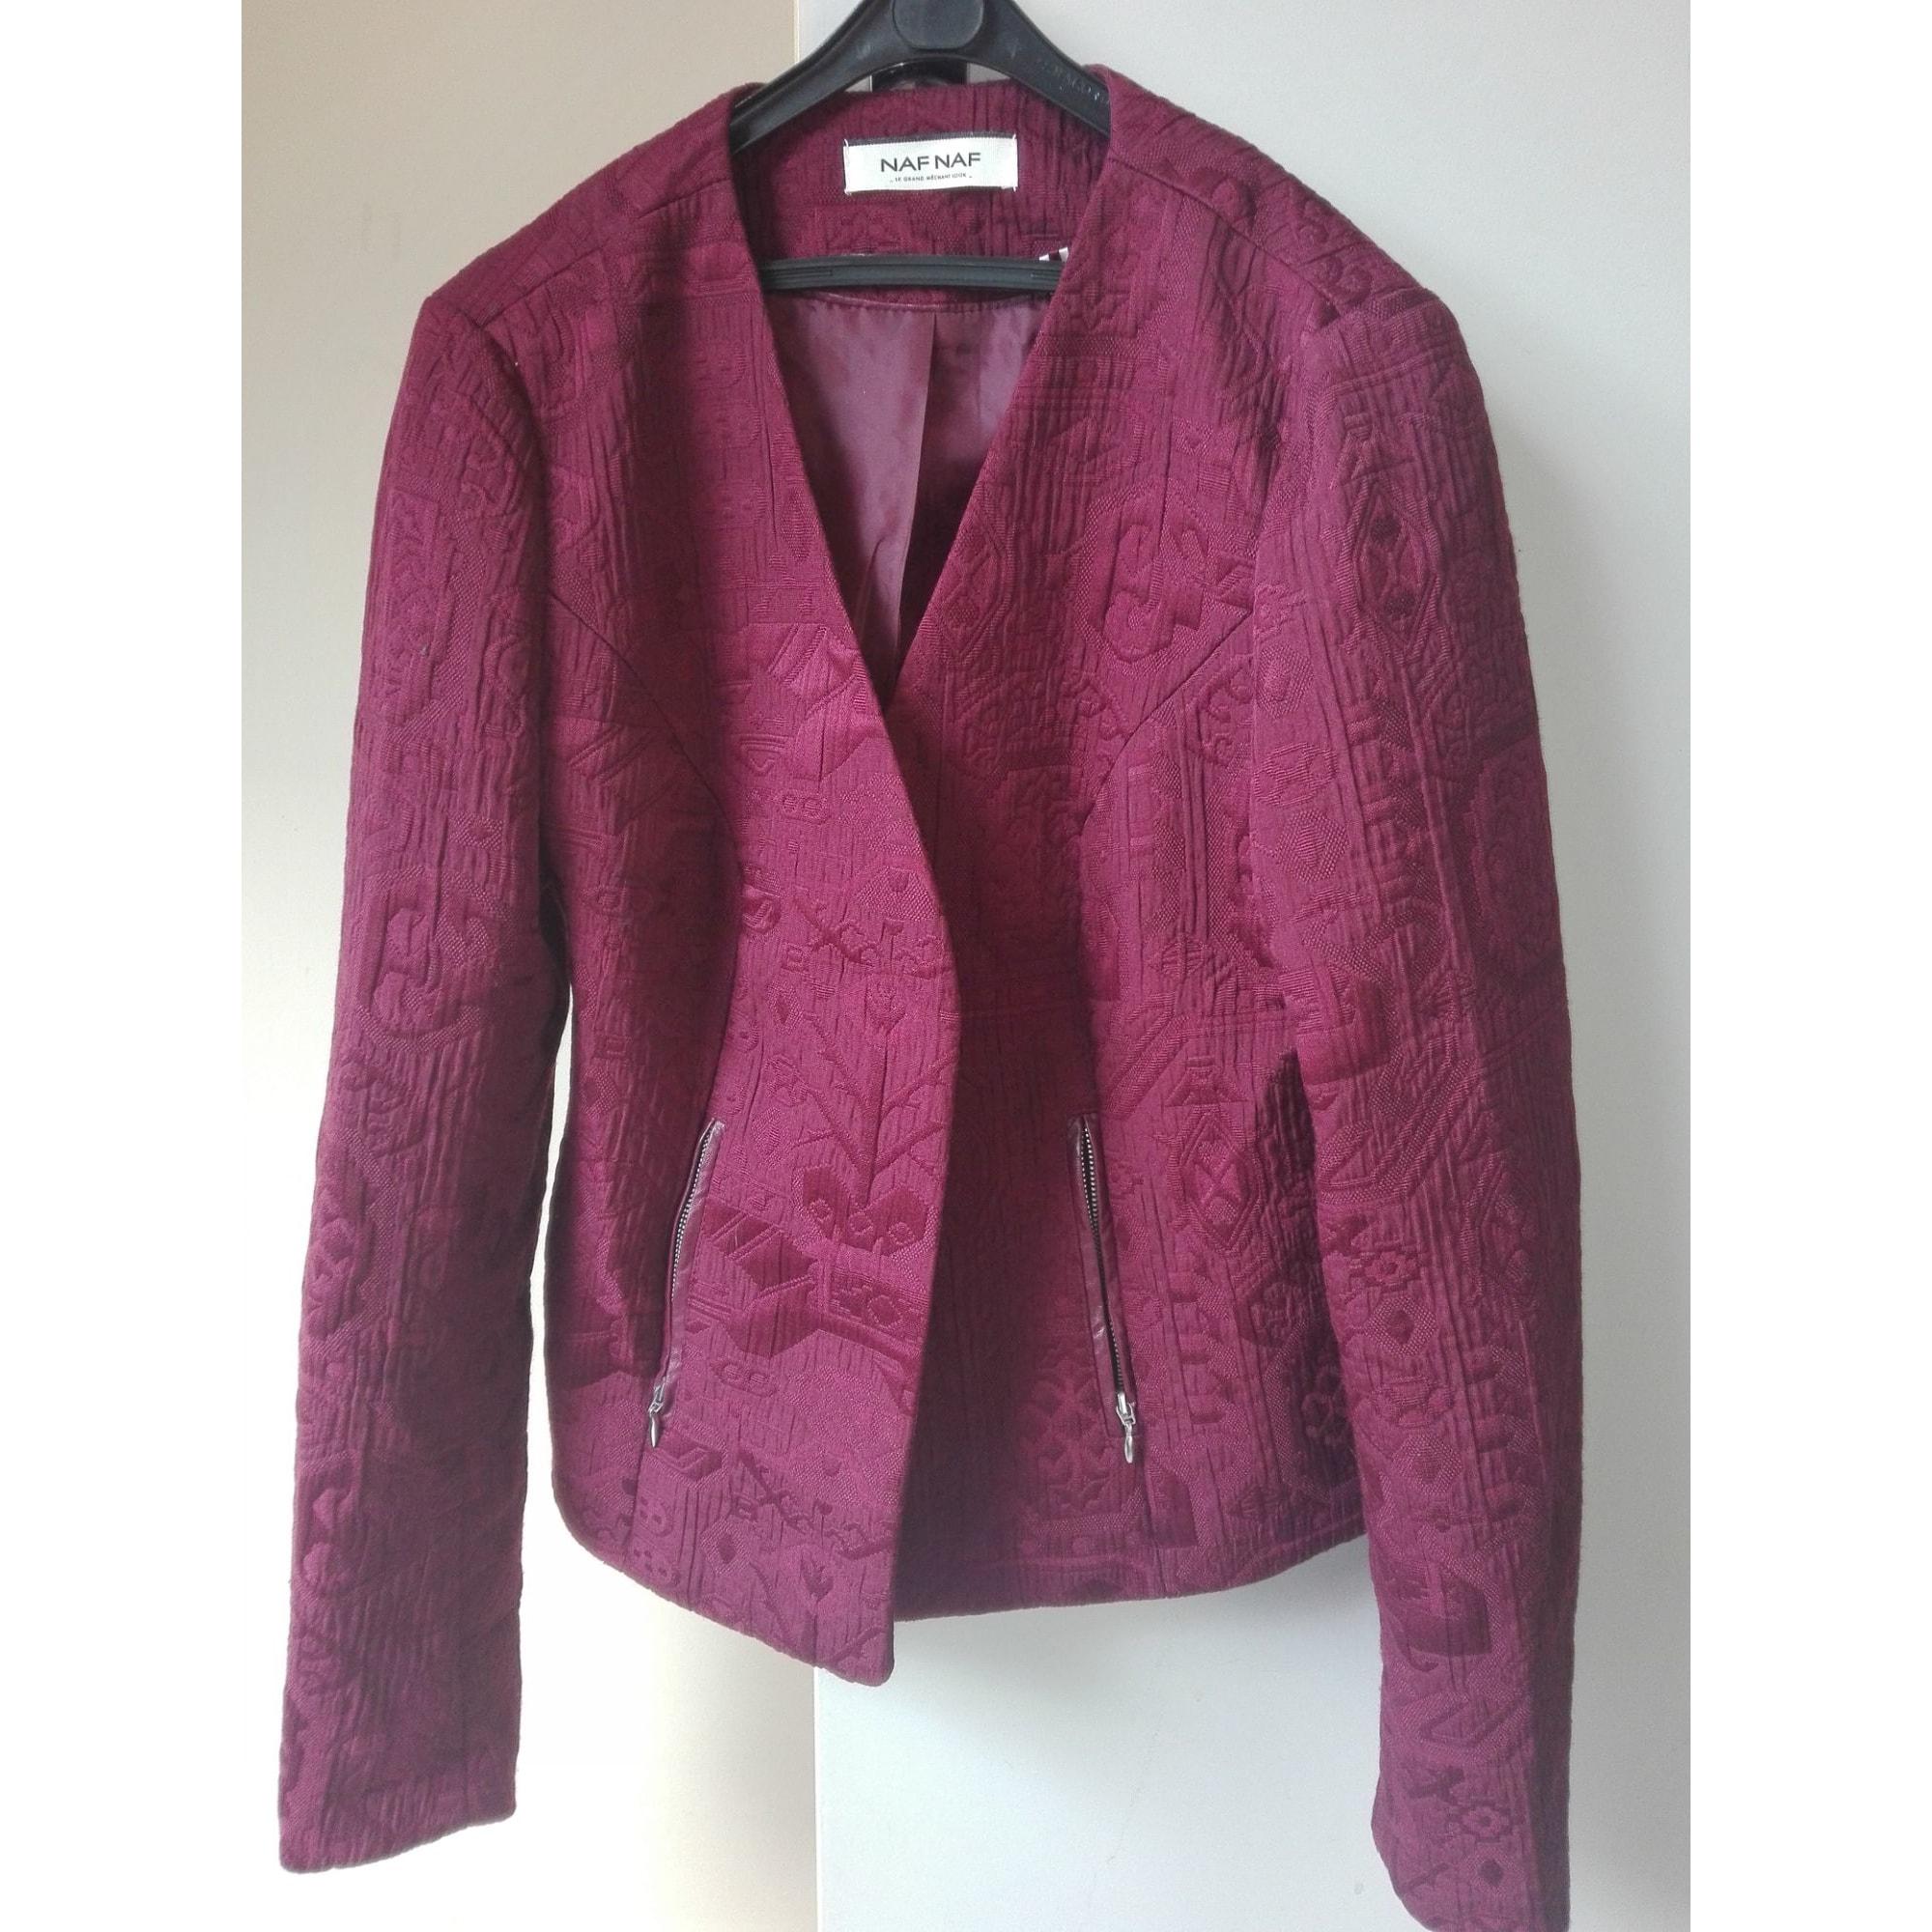 Blazer, veste tailleur NAF NAF Rouge, bordeaux